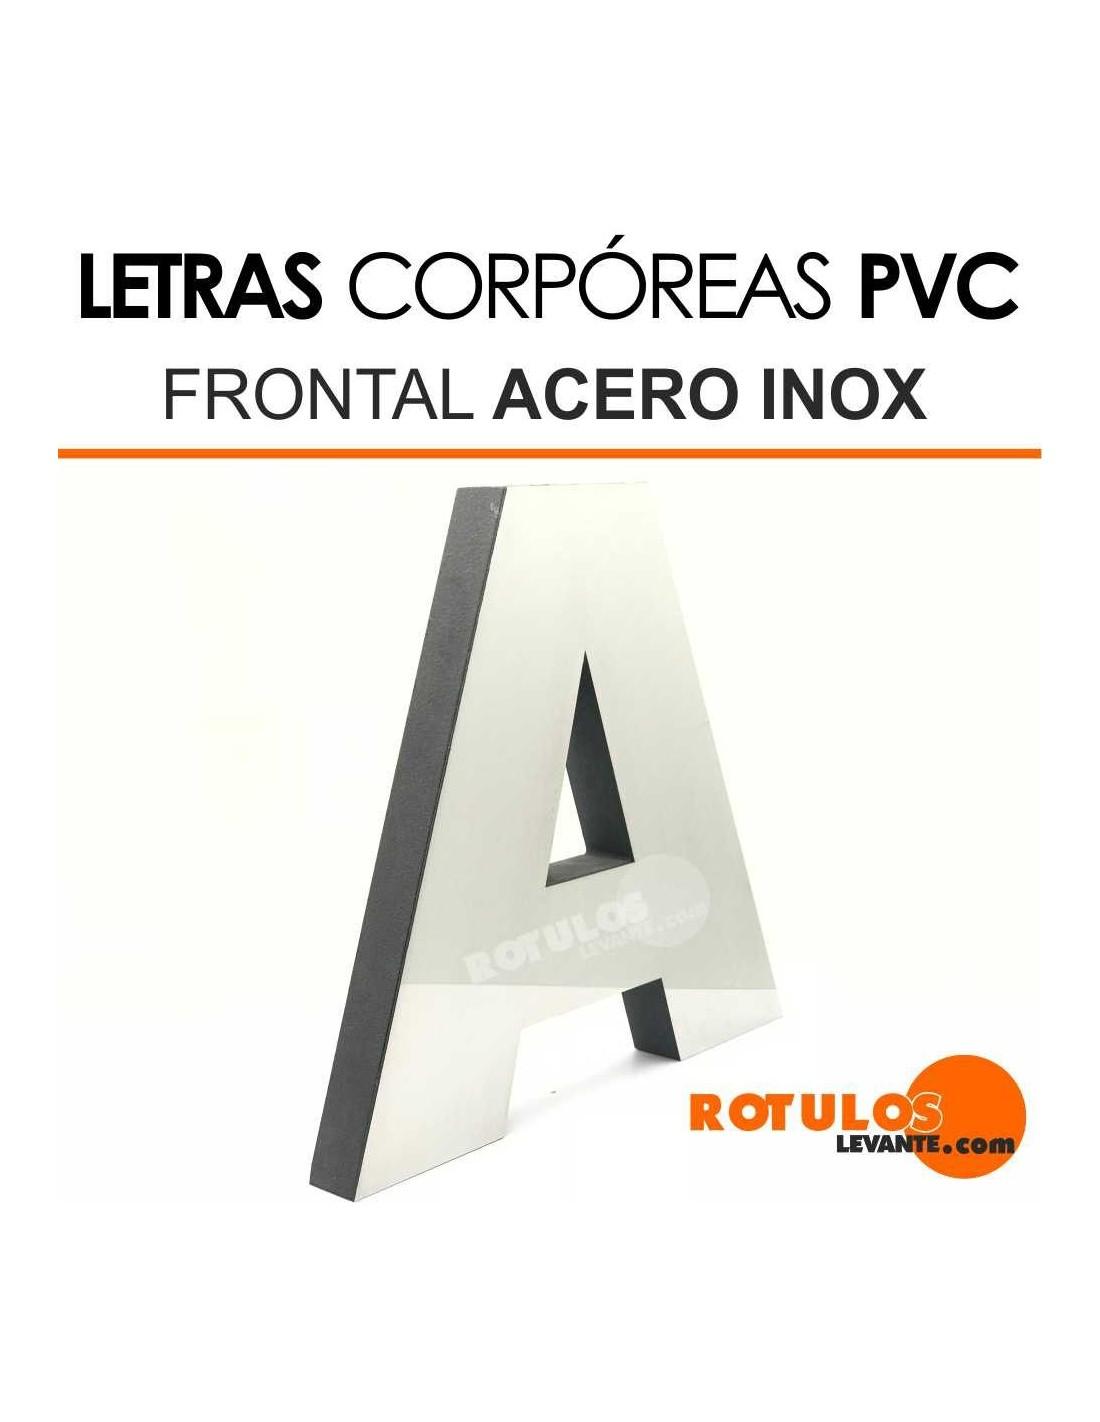 Letras Corpóreas PVC Frontal de Acero